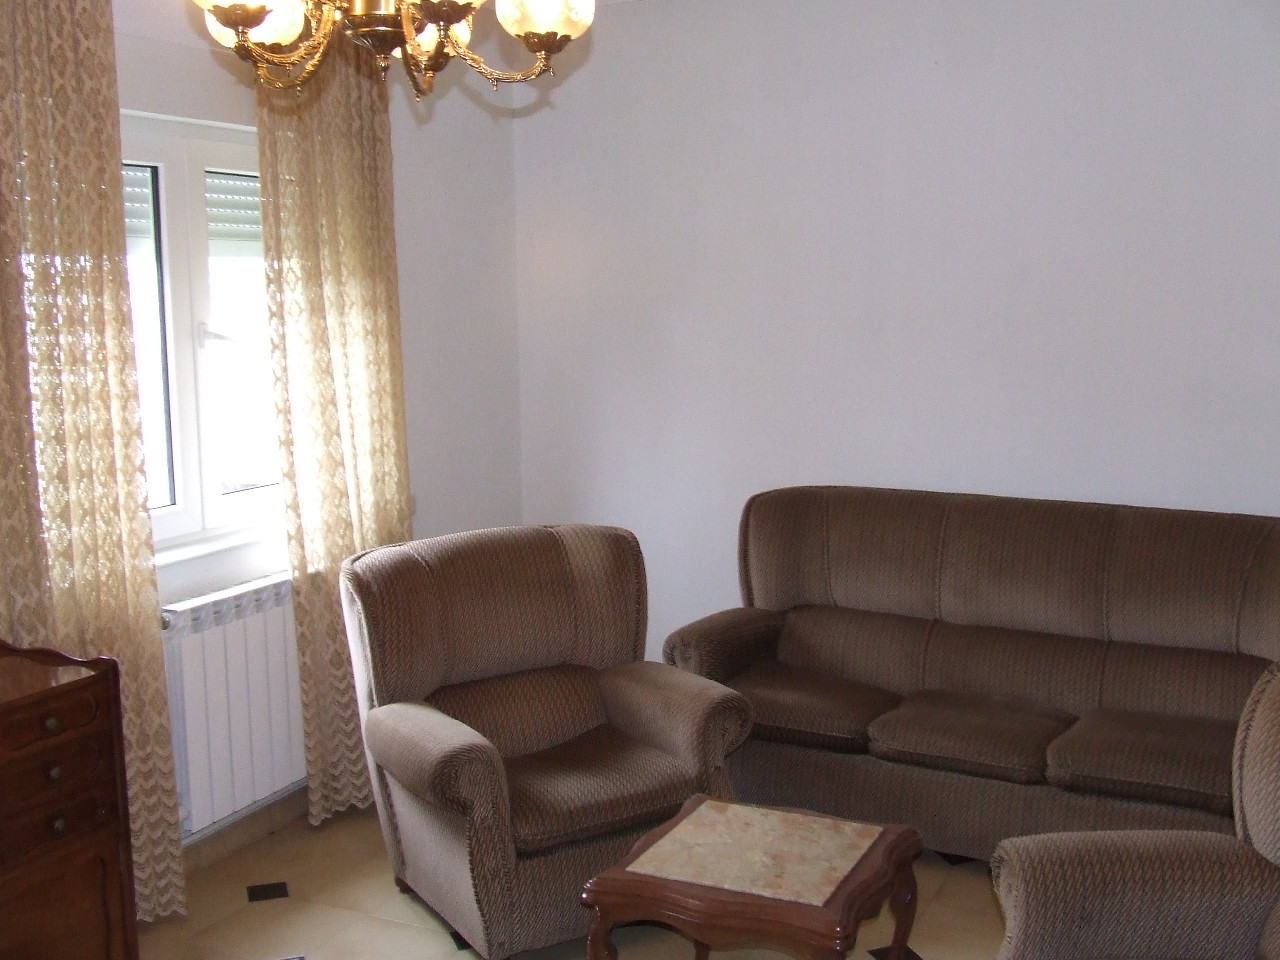 Piso en venta con 90 m2, 3 dormitorios  en Puerto de Vega (Navia (C...  - Foto 1